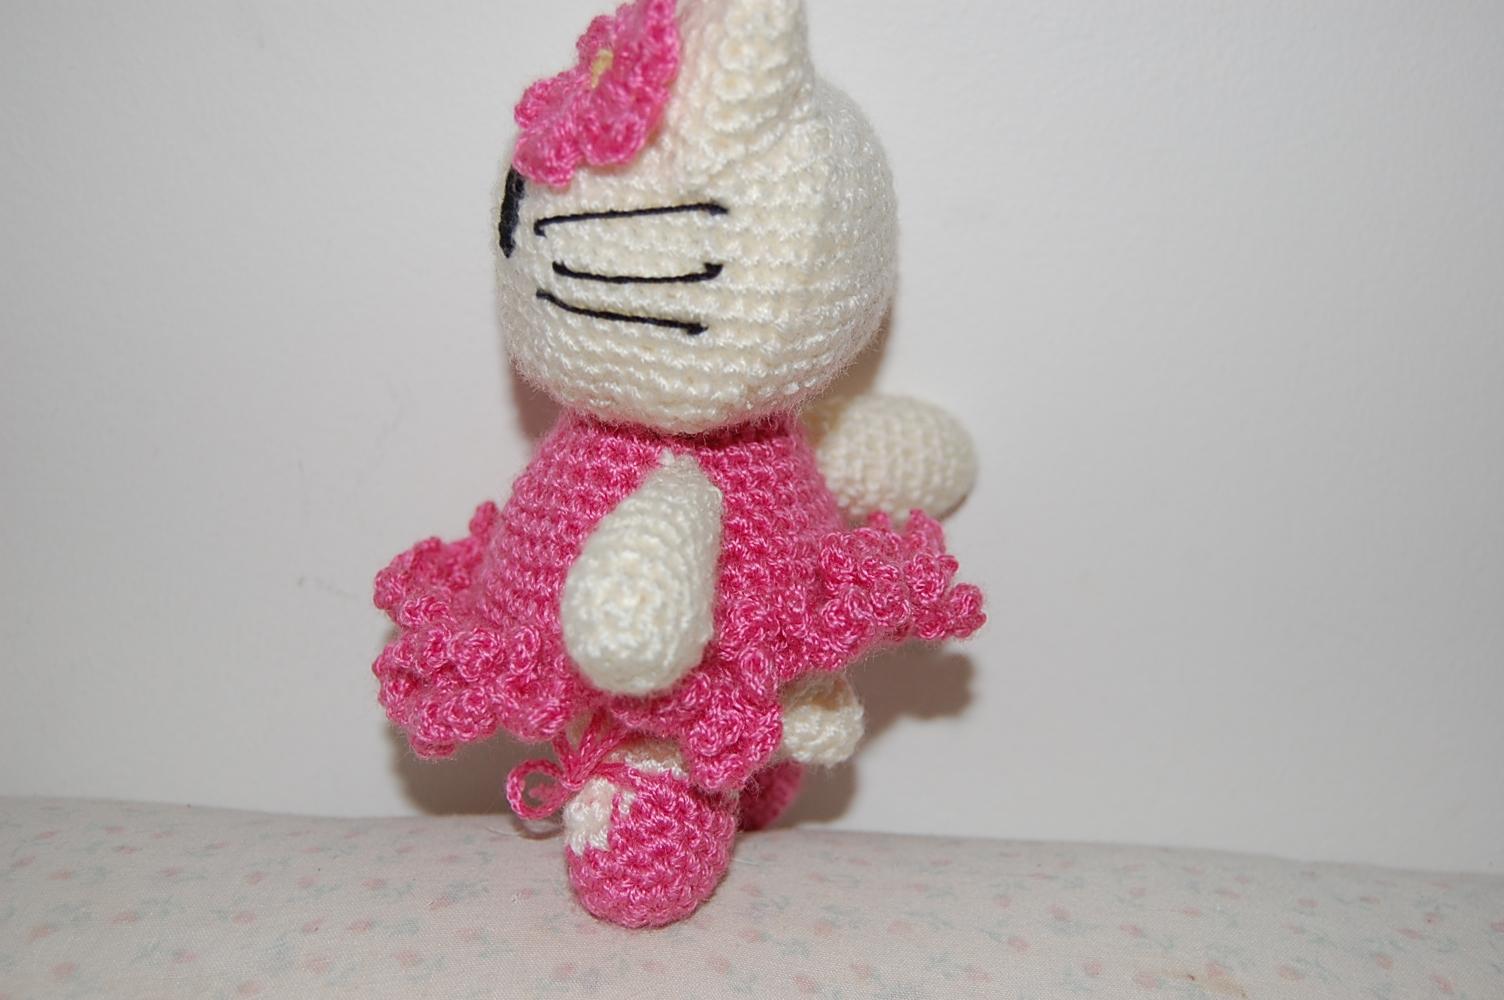 O meu cantinho: Amigurumi, hello kitty bailarina